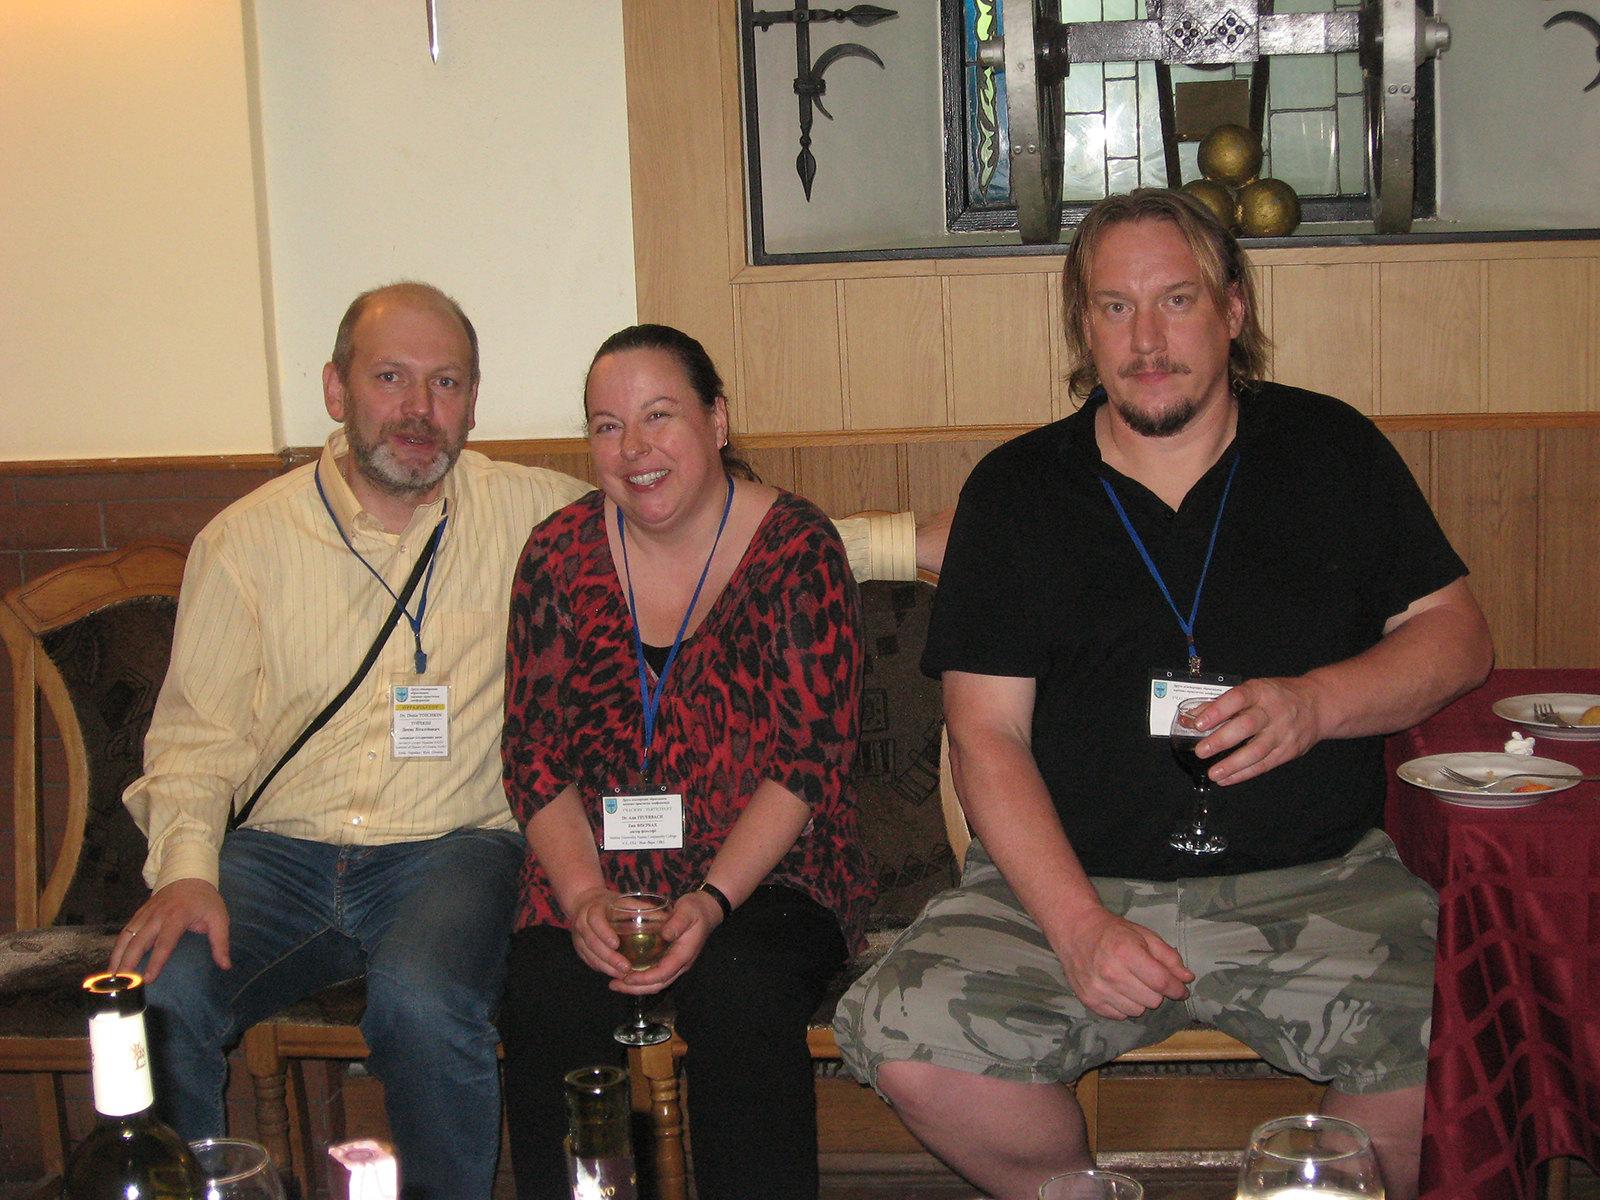 Зліва направо: Денис Тоїчкін, Енн Феєрбах, Томас Хенлі.